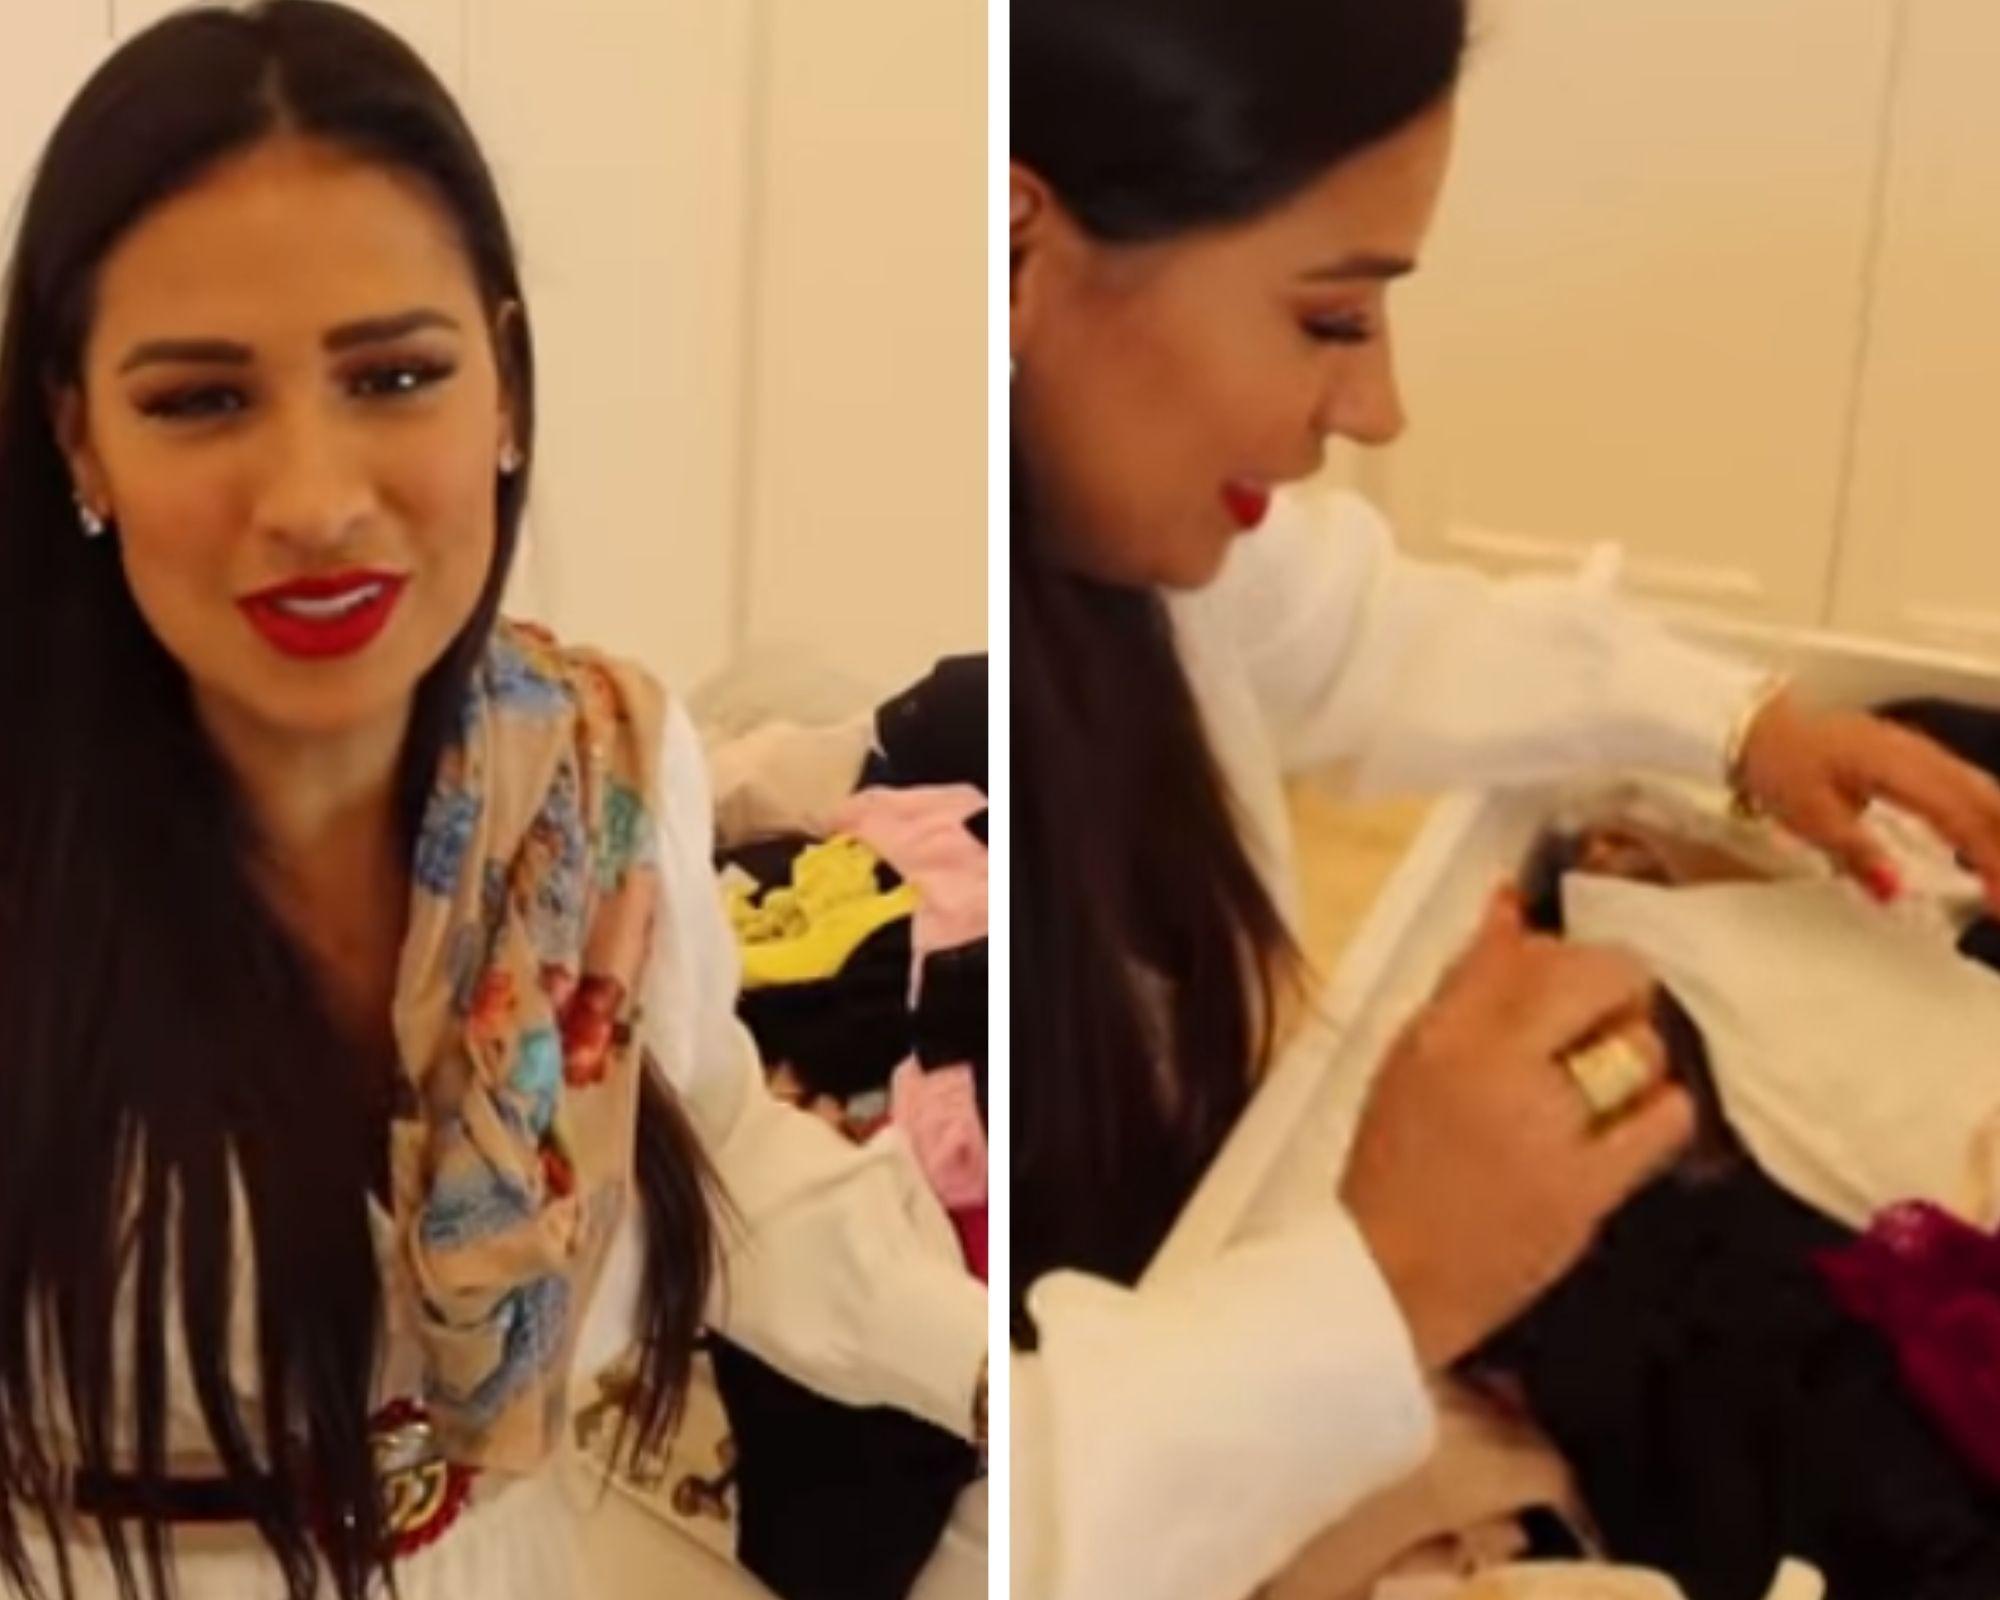 Simone exibiu uma gaveta recheada de calcinhas (Foto: Reprodução)